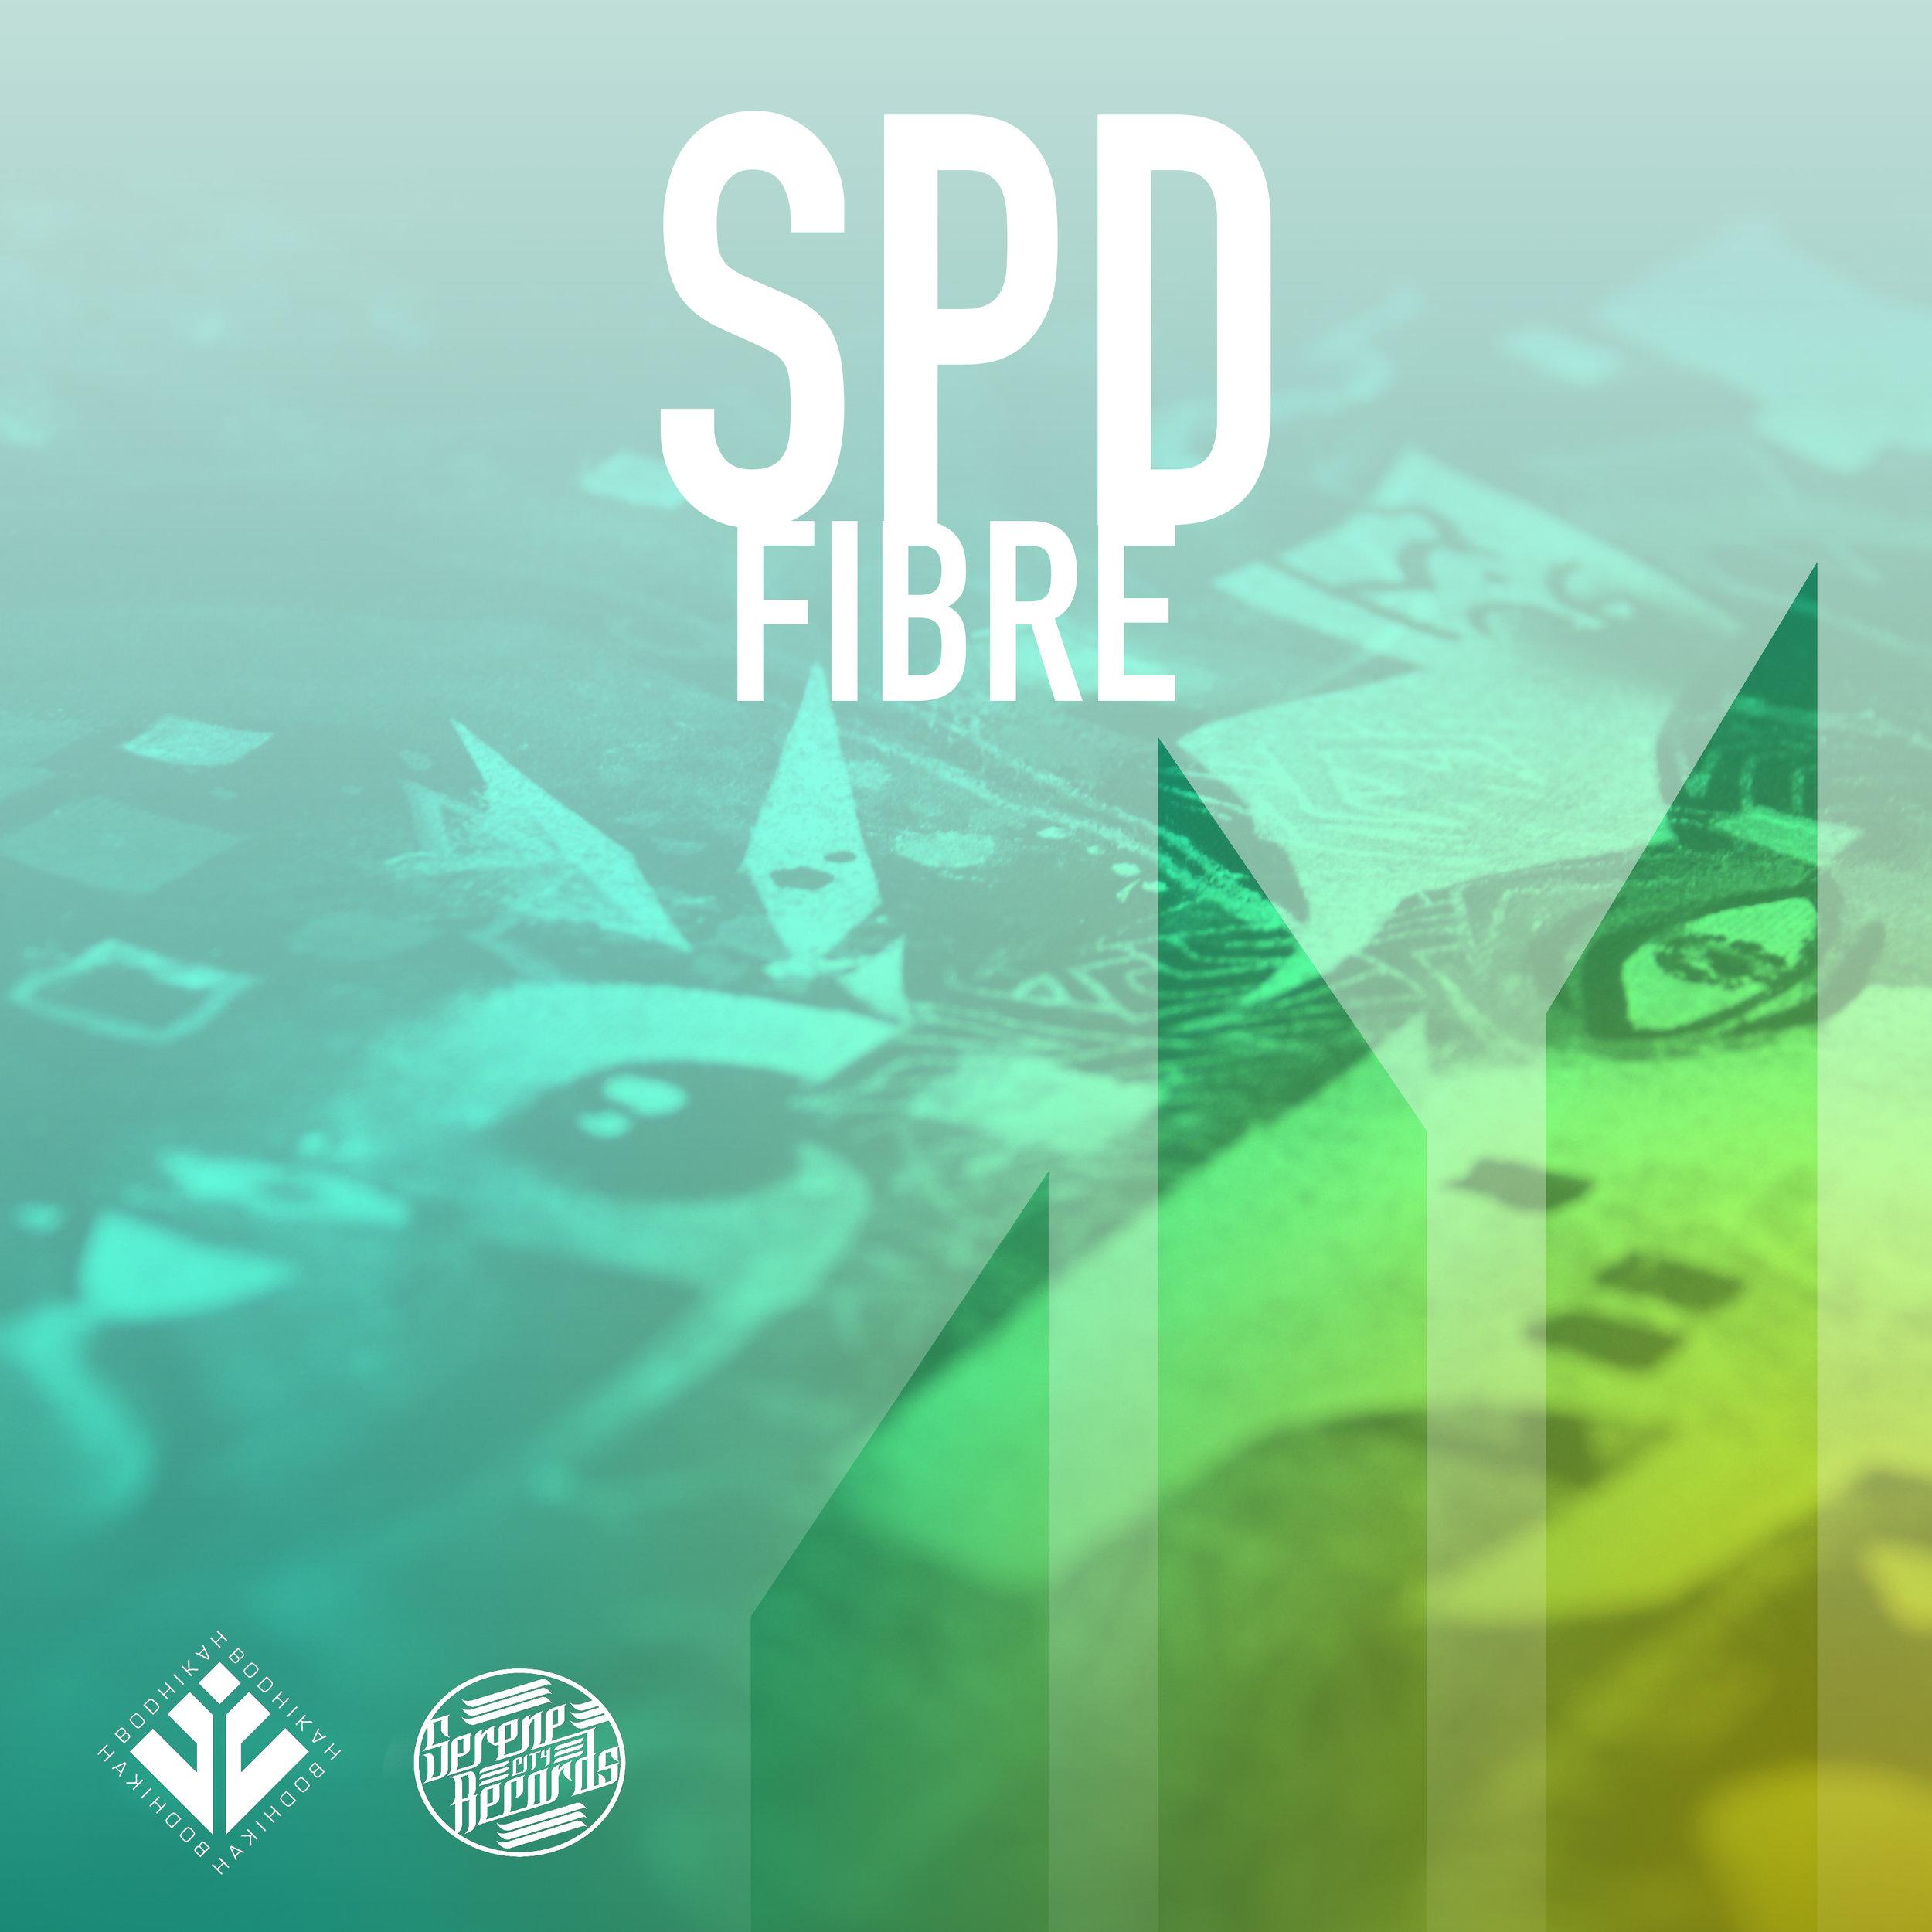 SPD FIBRE